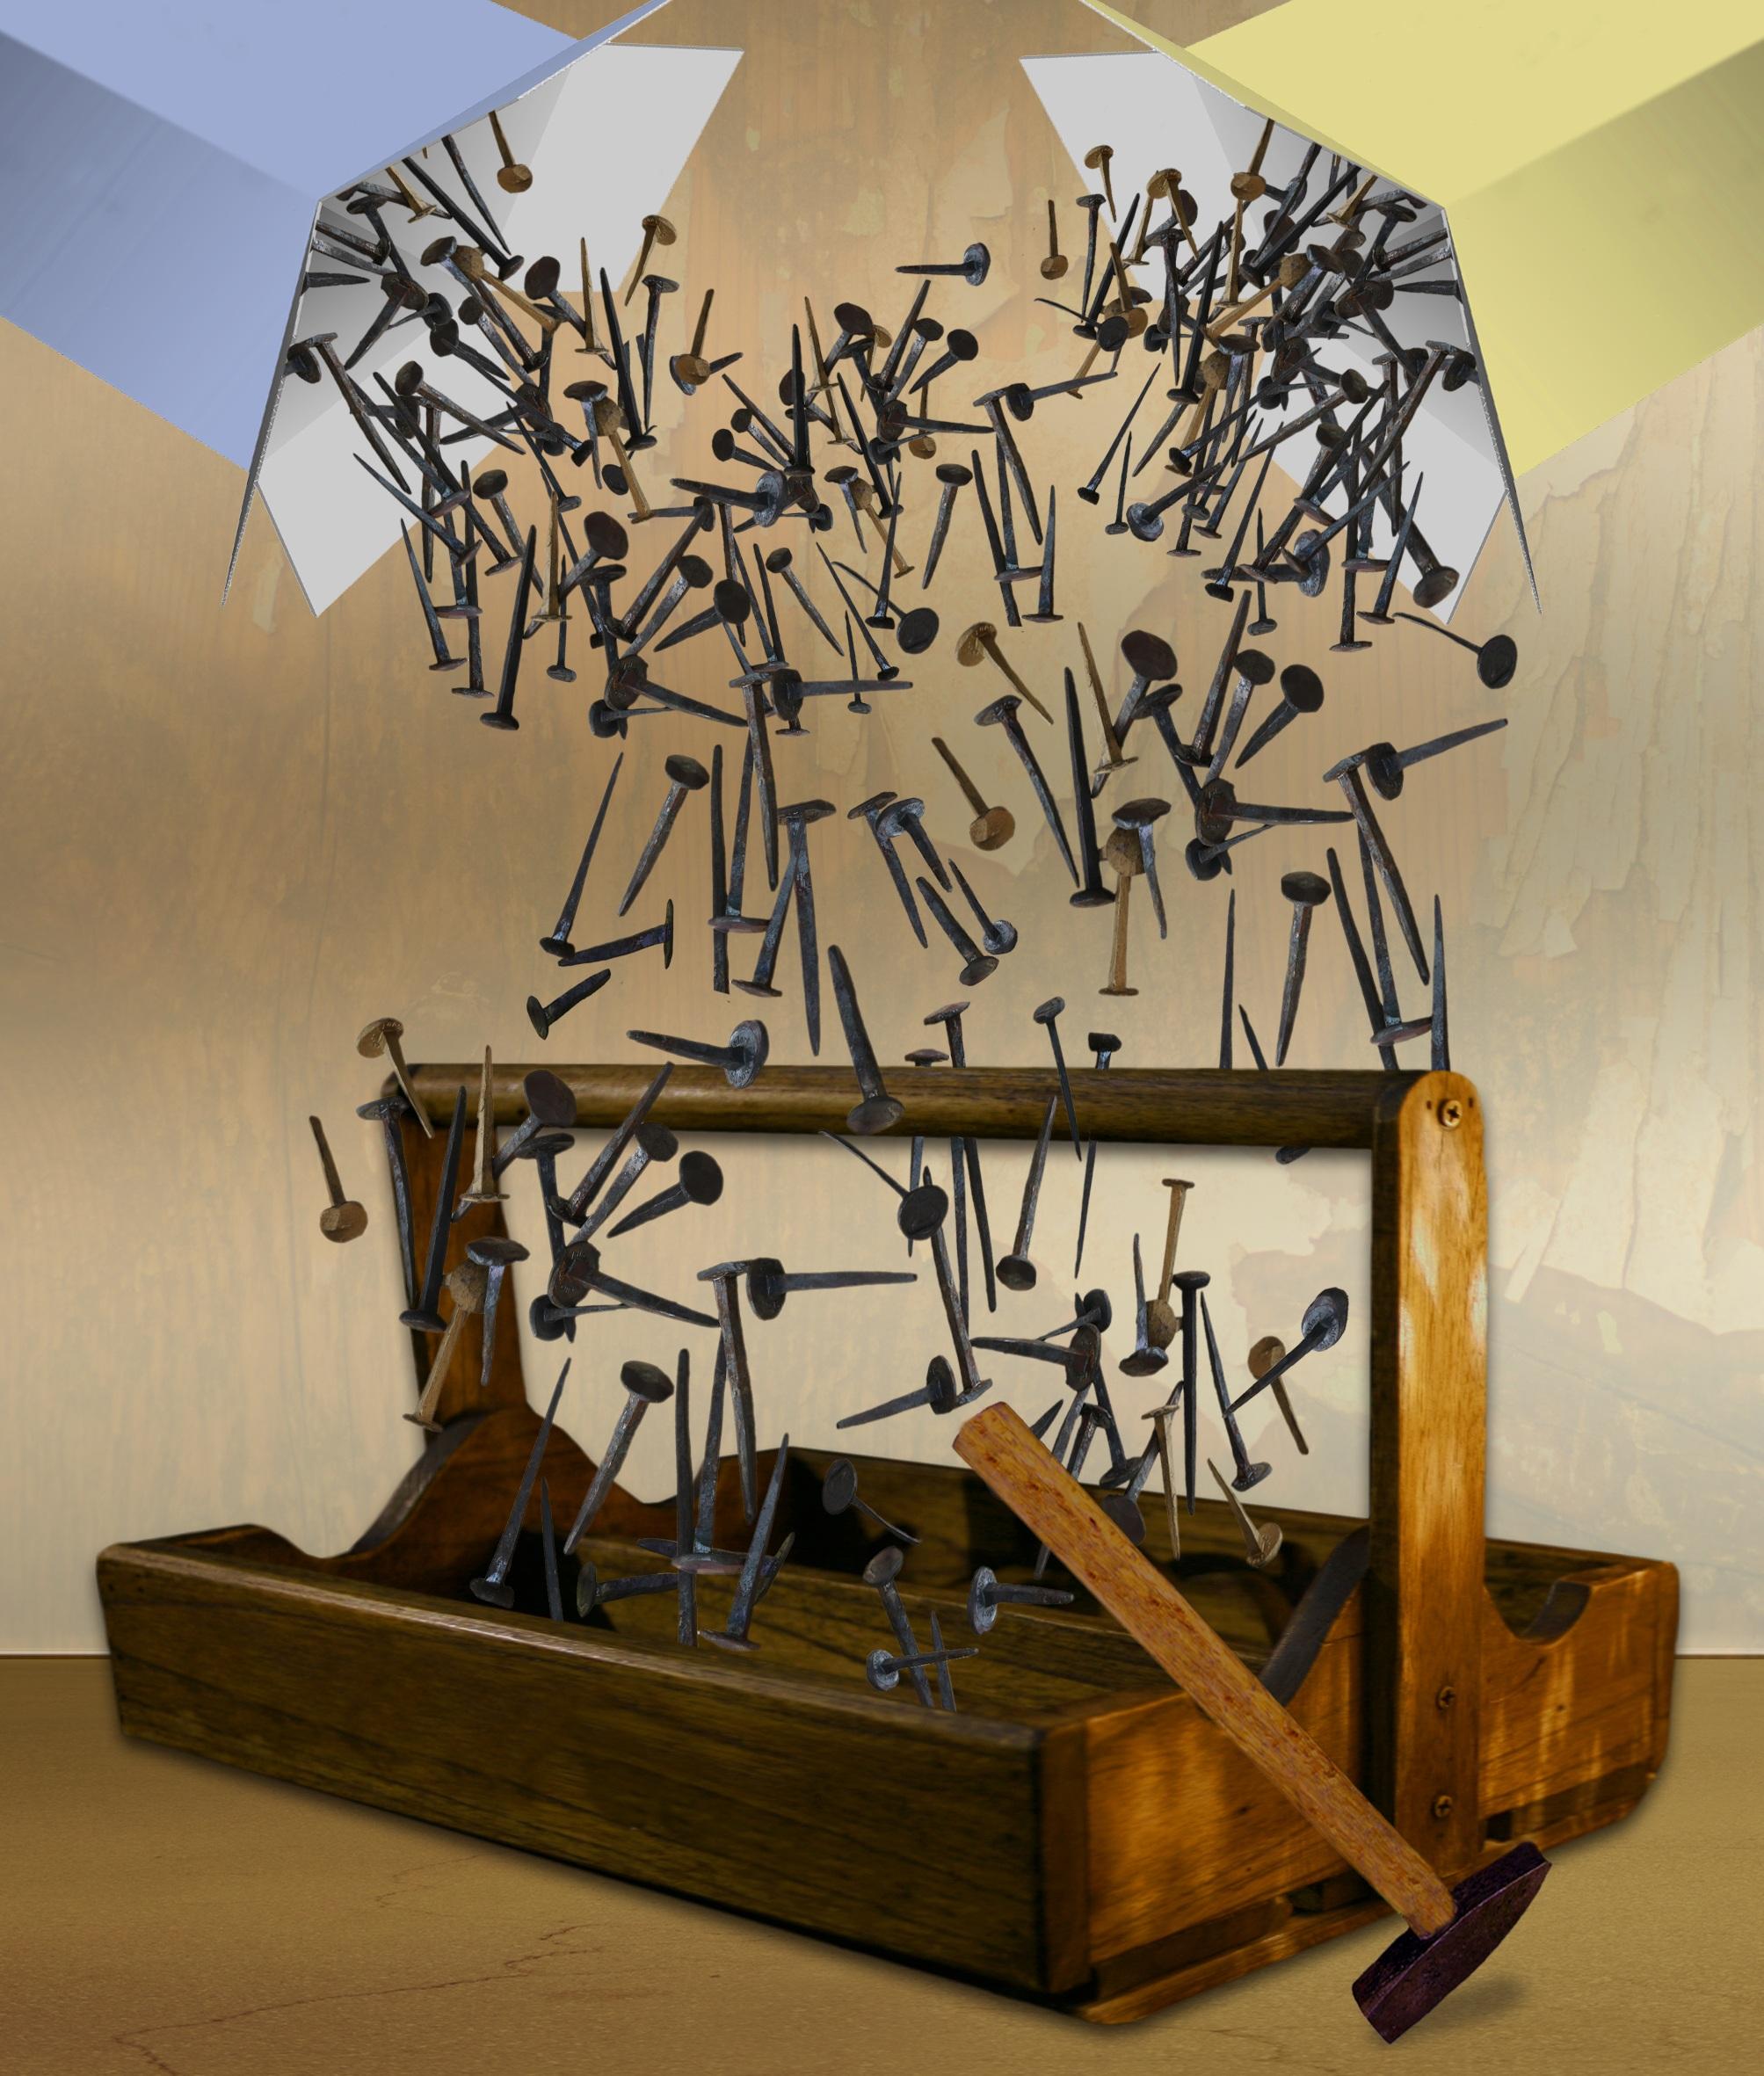 Kostenlose foto : Holz, Werkzeug, Hammer, Box, Nagel, Skulptur ...